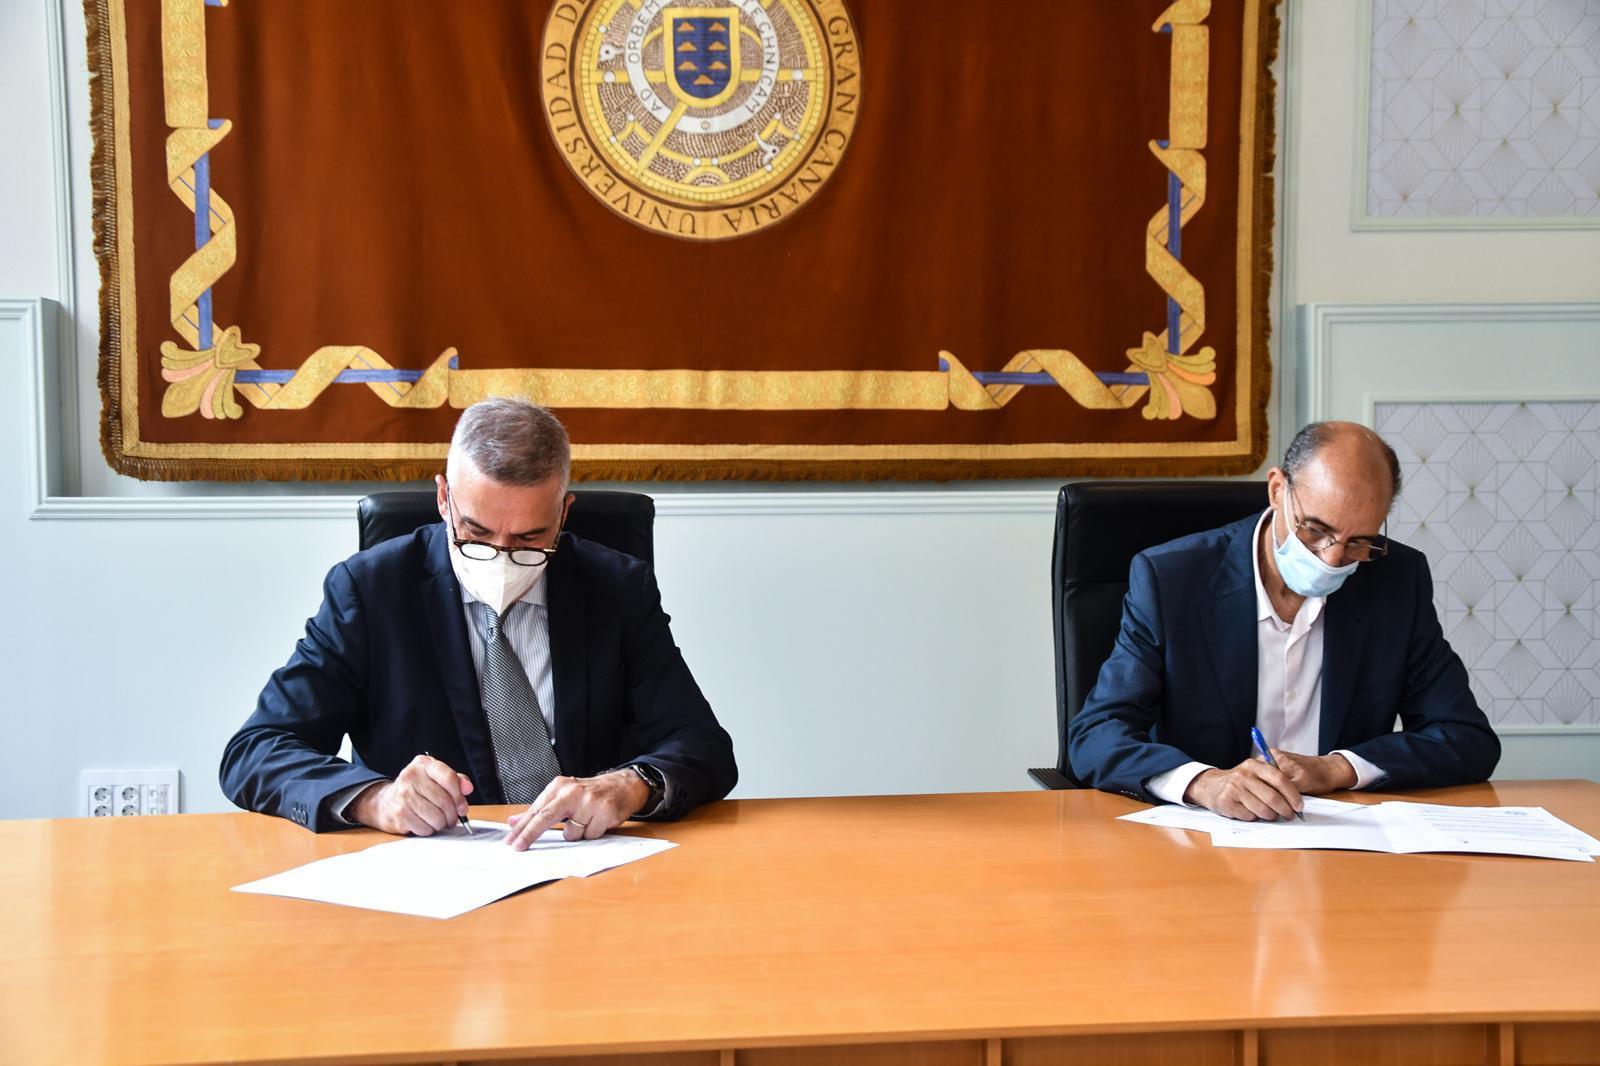 جامعة التفاريتي الصحراوية توقع اتفاقية تعاون مع جامعة لاس بالماس دي غران كناريا